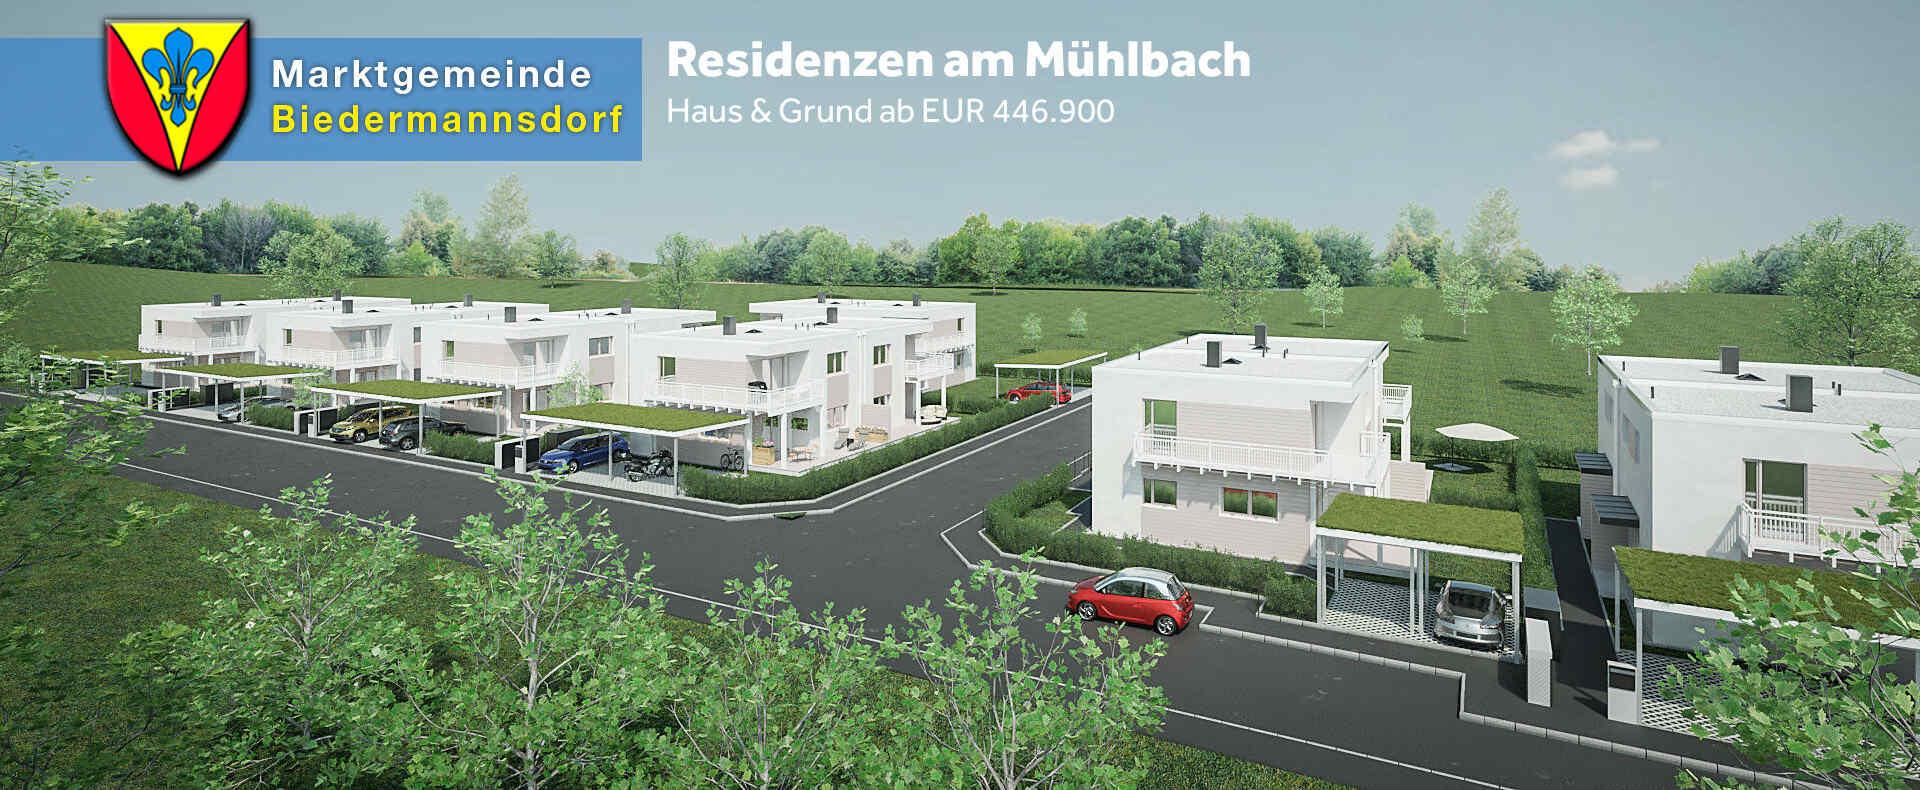 Residenzen am Mühlbach in Biedermannsdorf   Doppelhäuser von VARIO ...